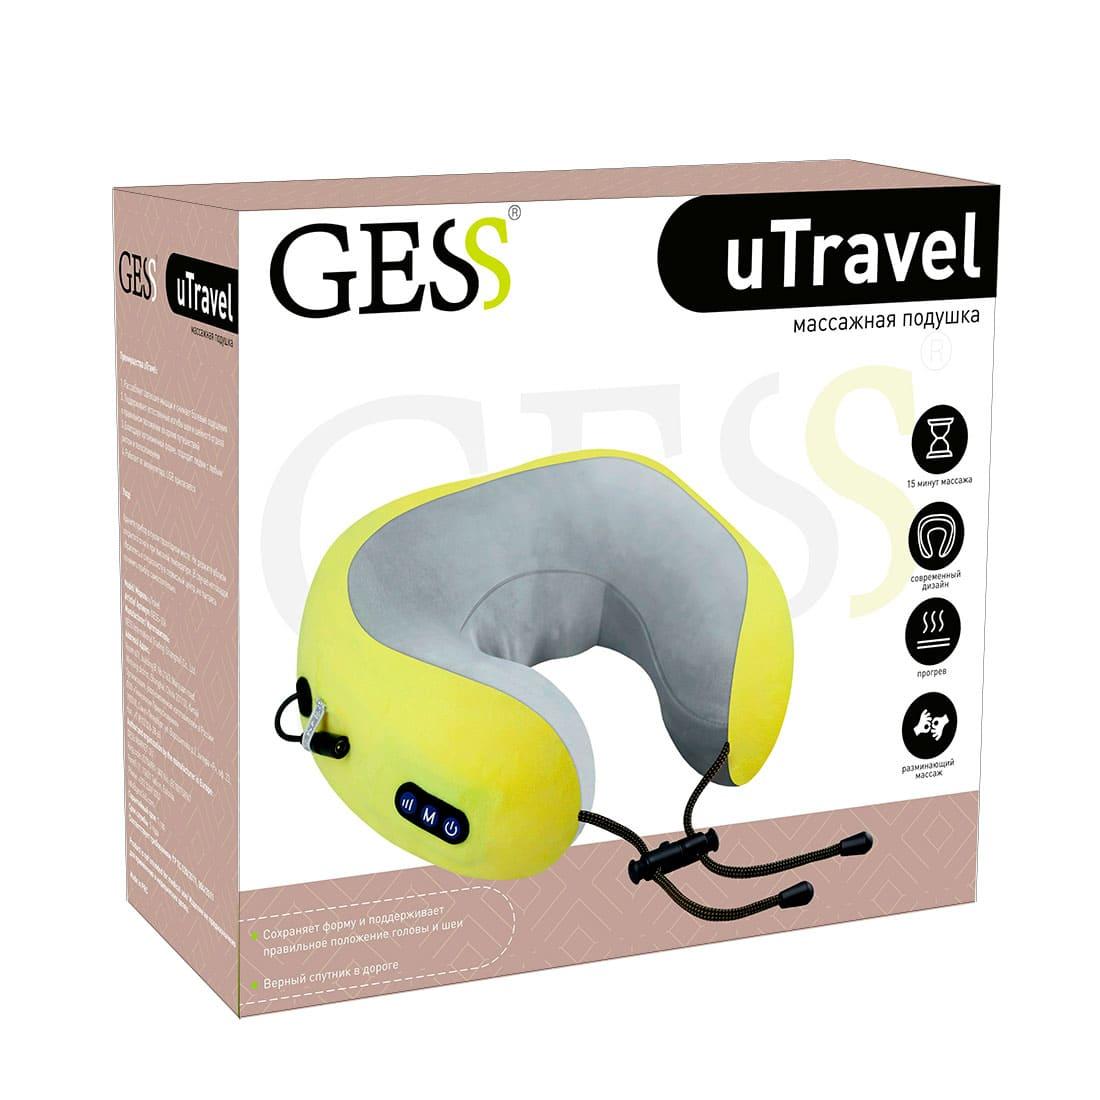 uTravel массажная подушка для путешествий